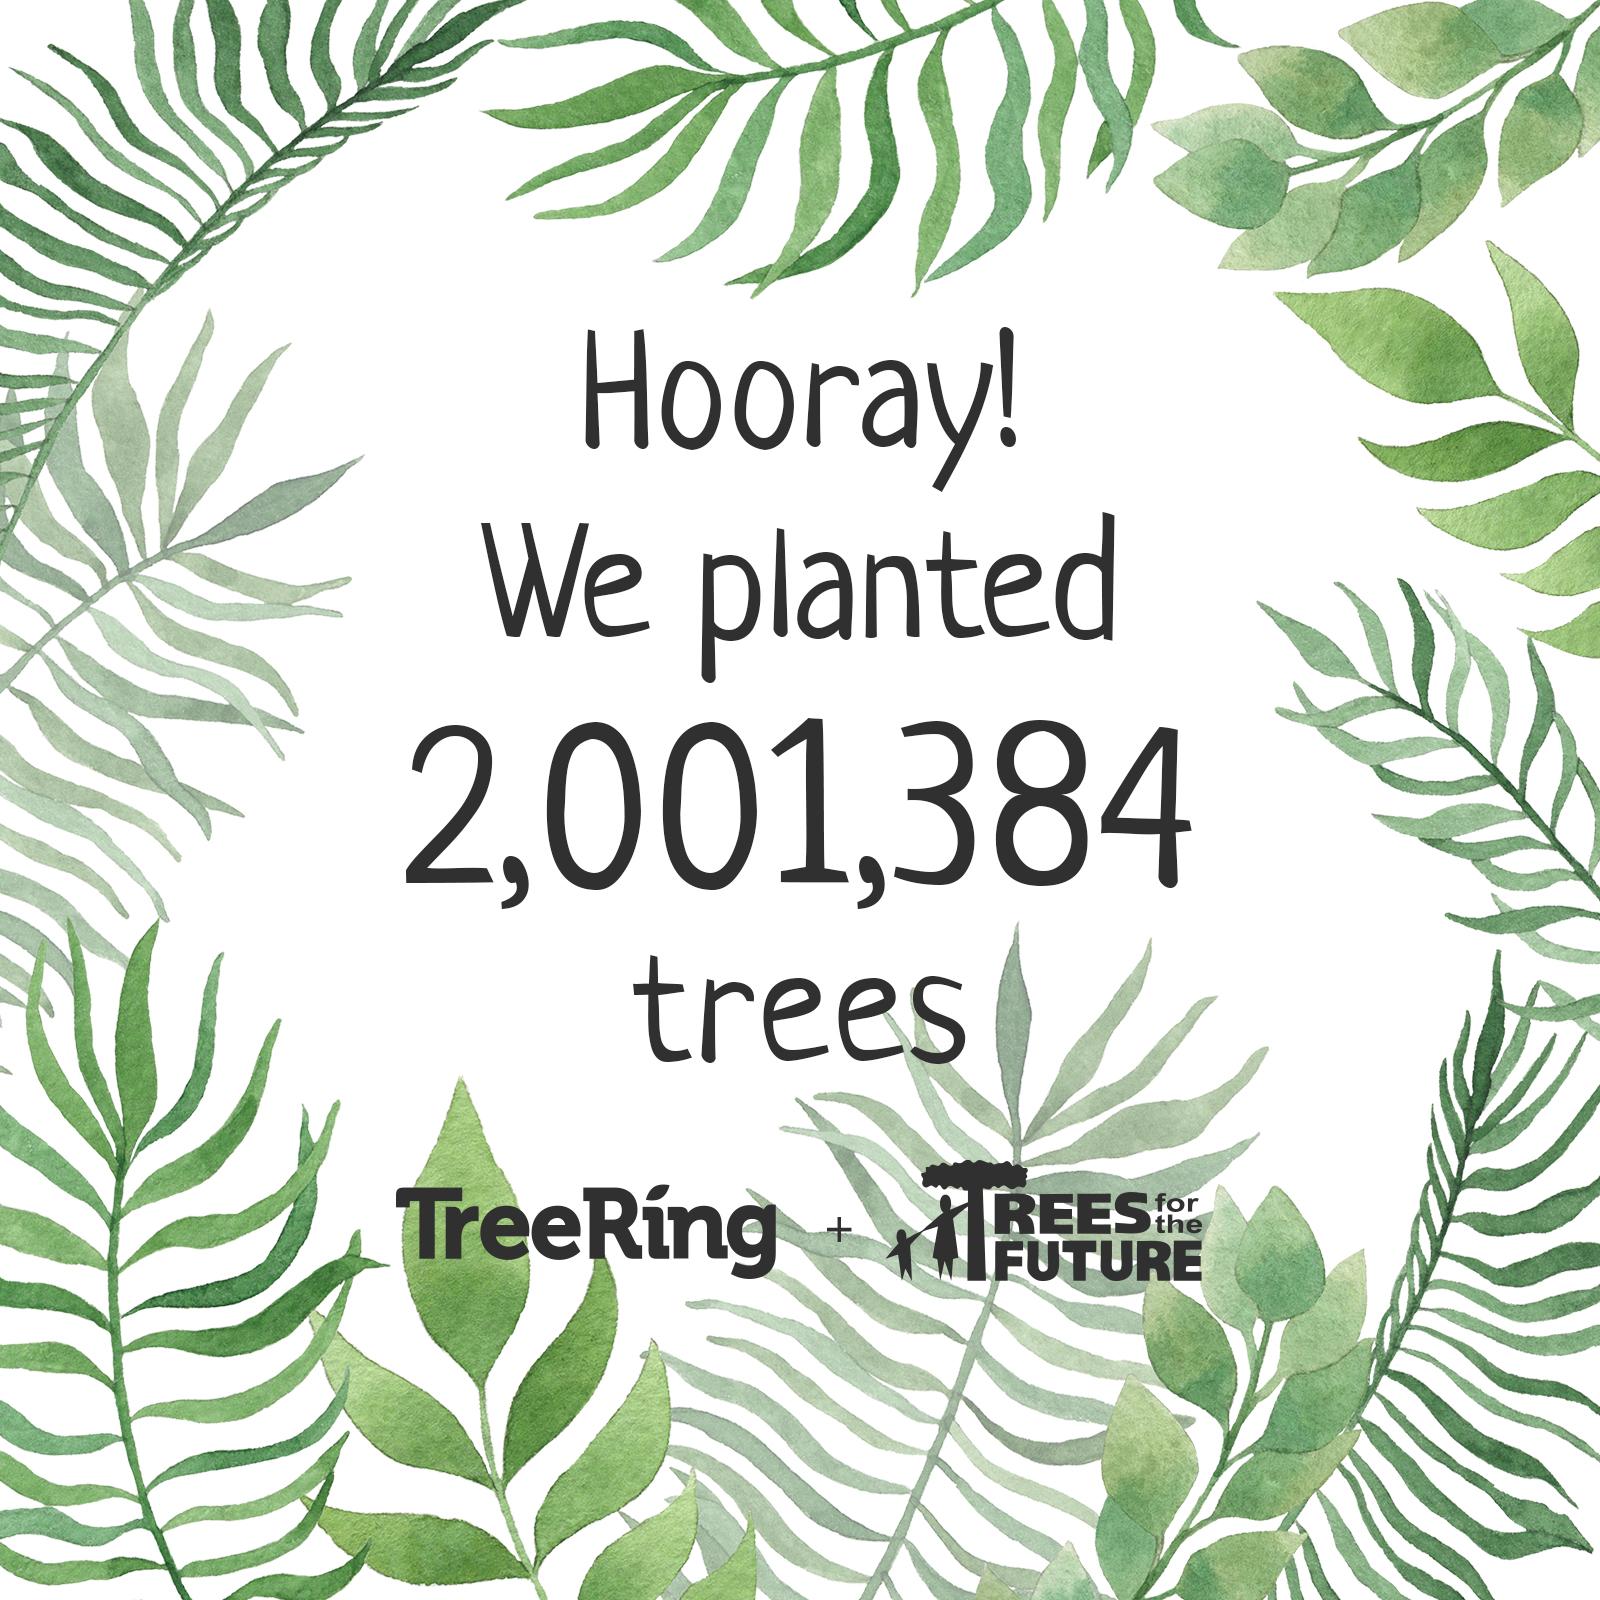 TreeRing_2_Million_Trees.jpg